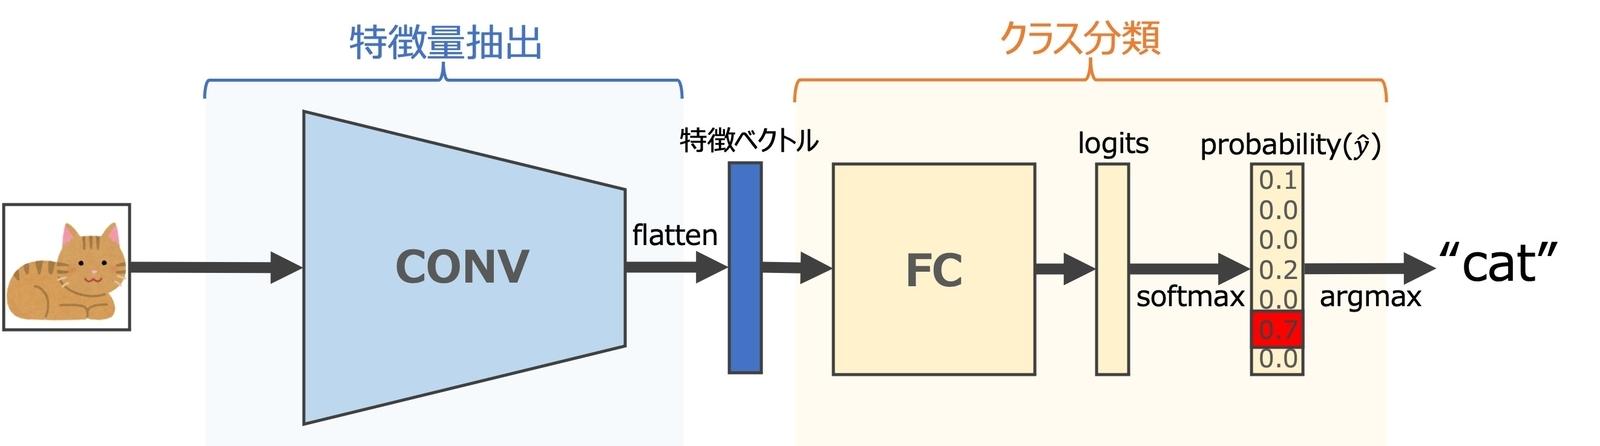 f:id:optim-tech:20210930131332j:plain:w798